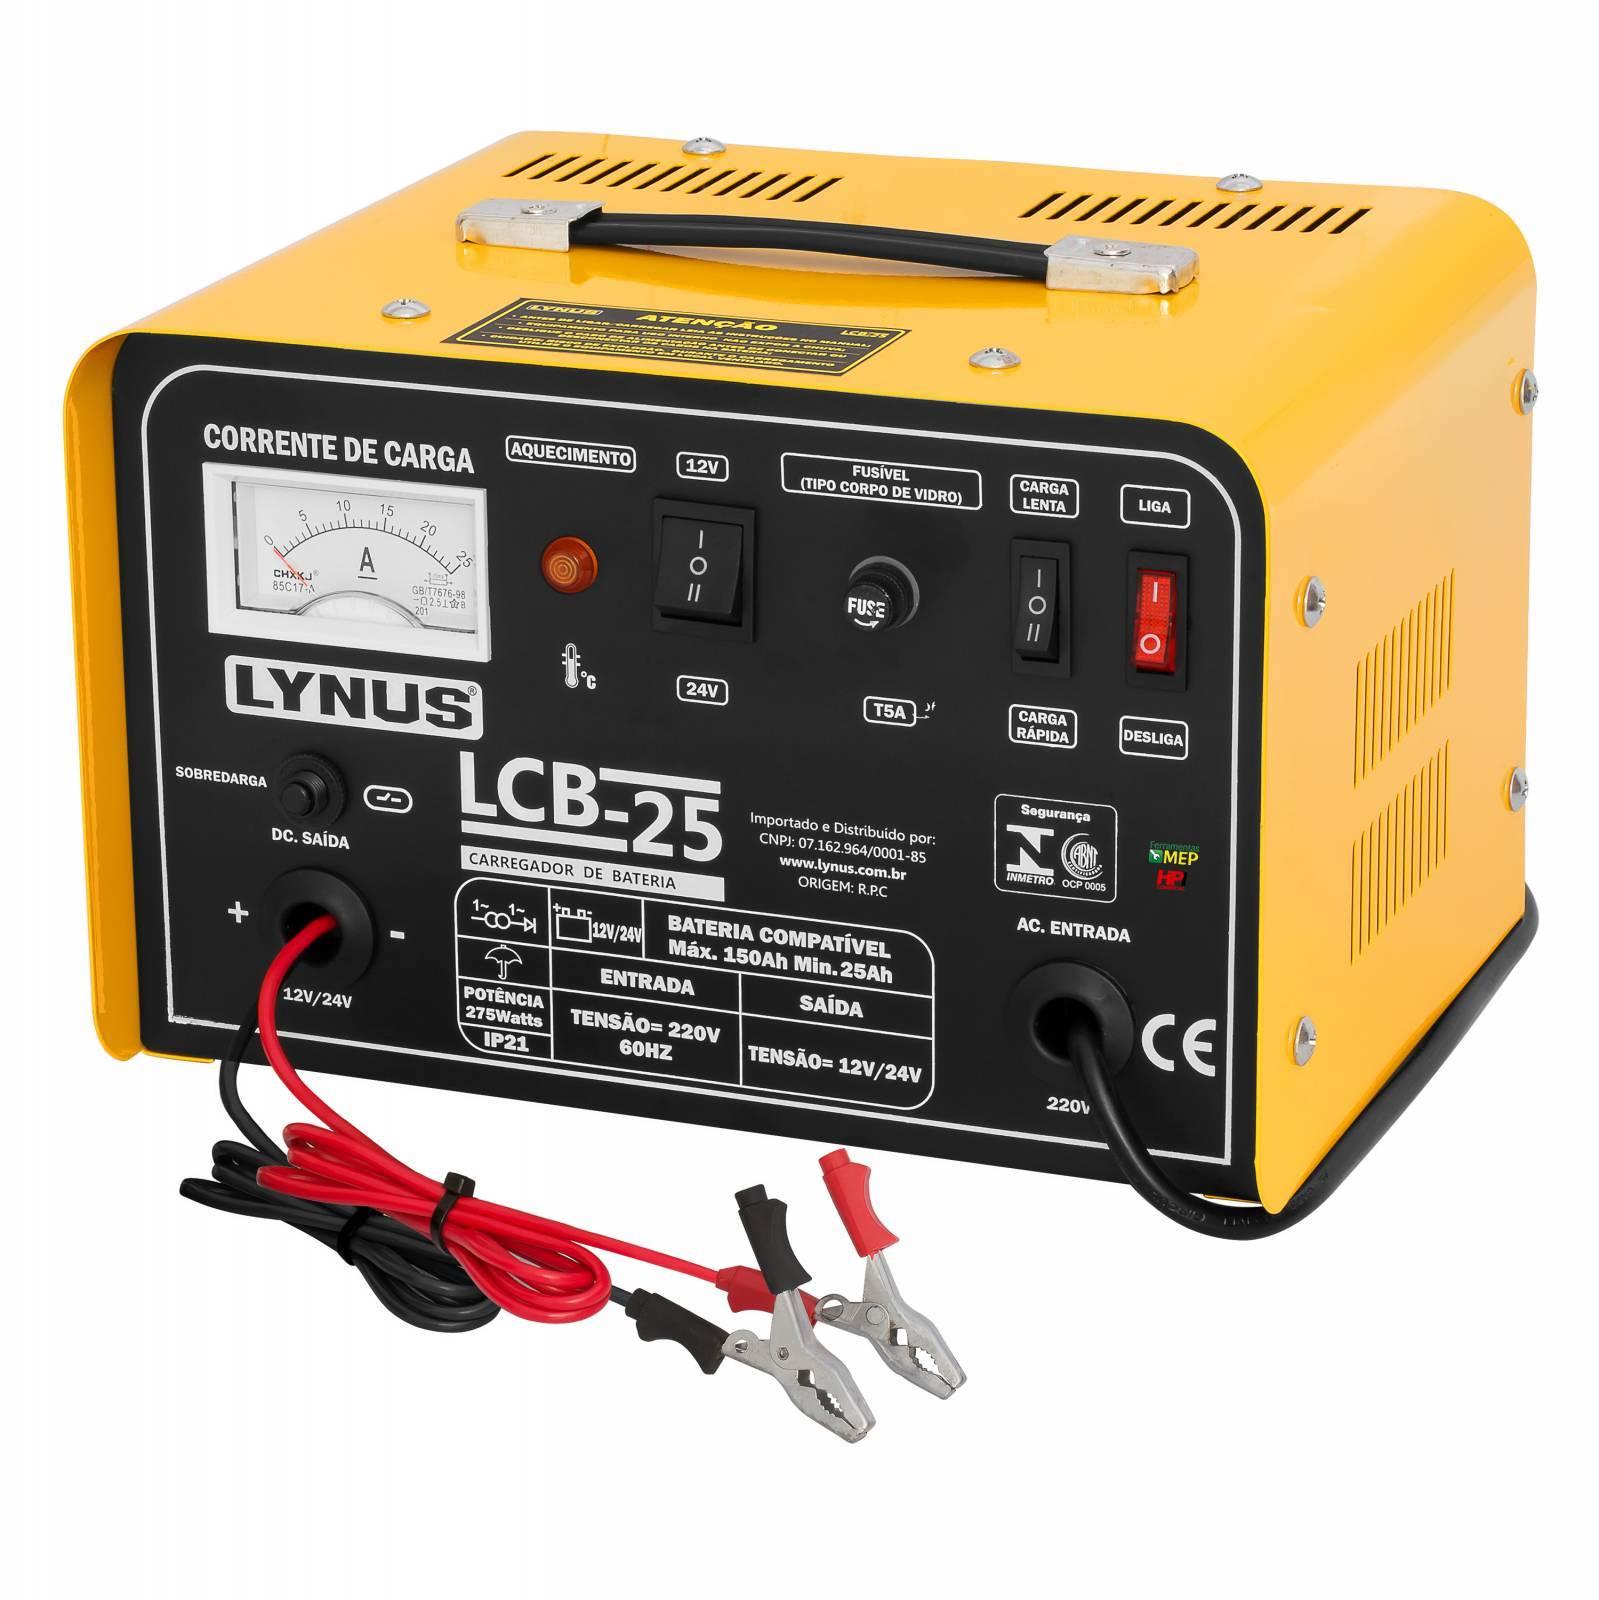 Carregador De Bateria Lynus Modelo LCB-25 150amp Cl2 - Ferramentas MEP